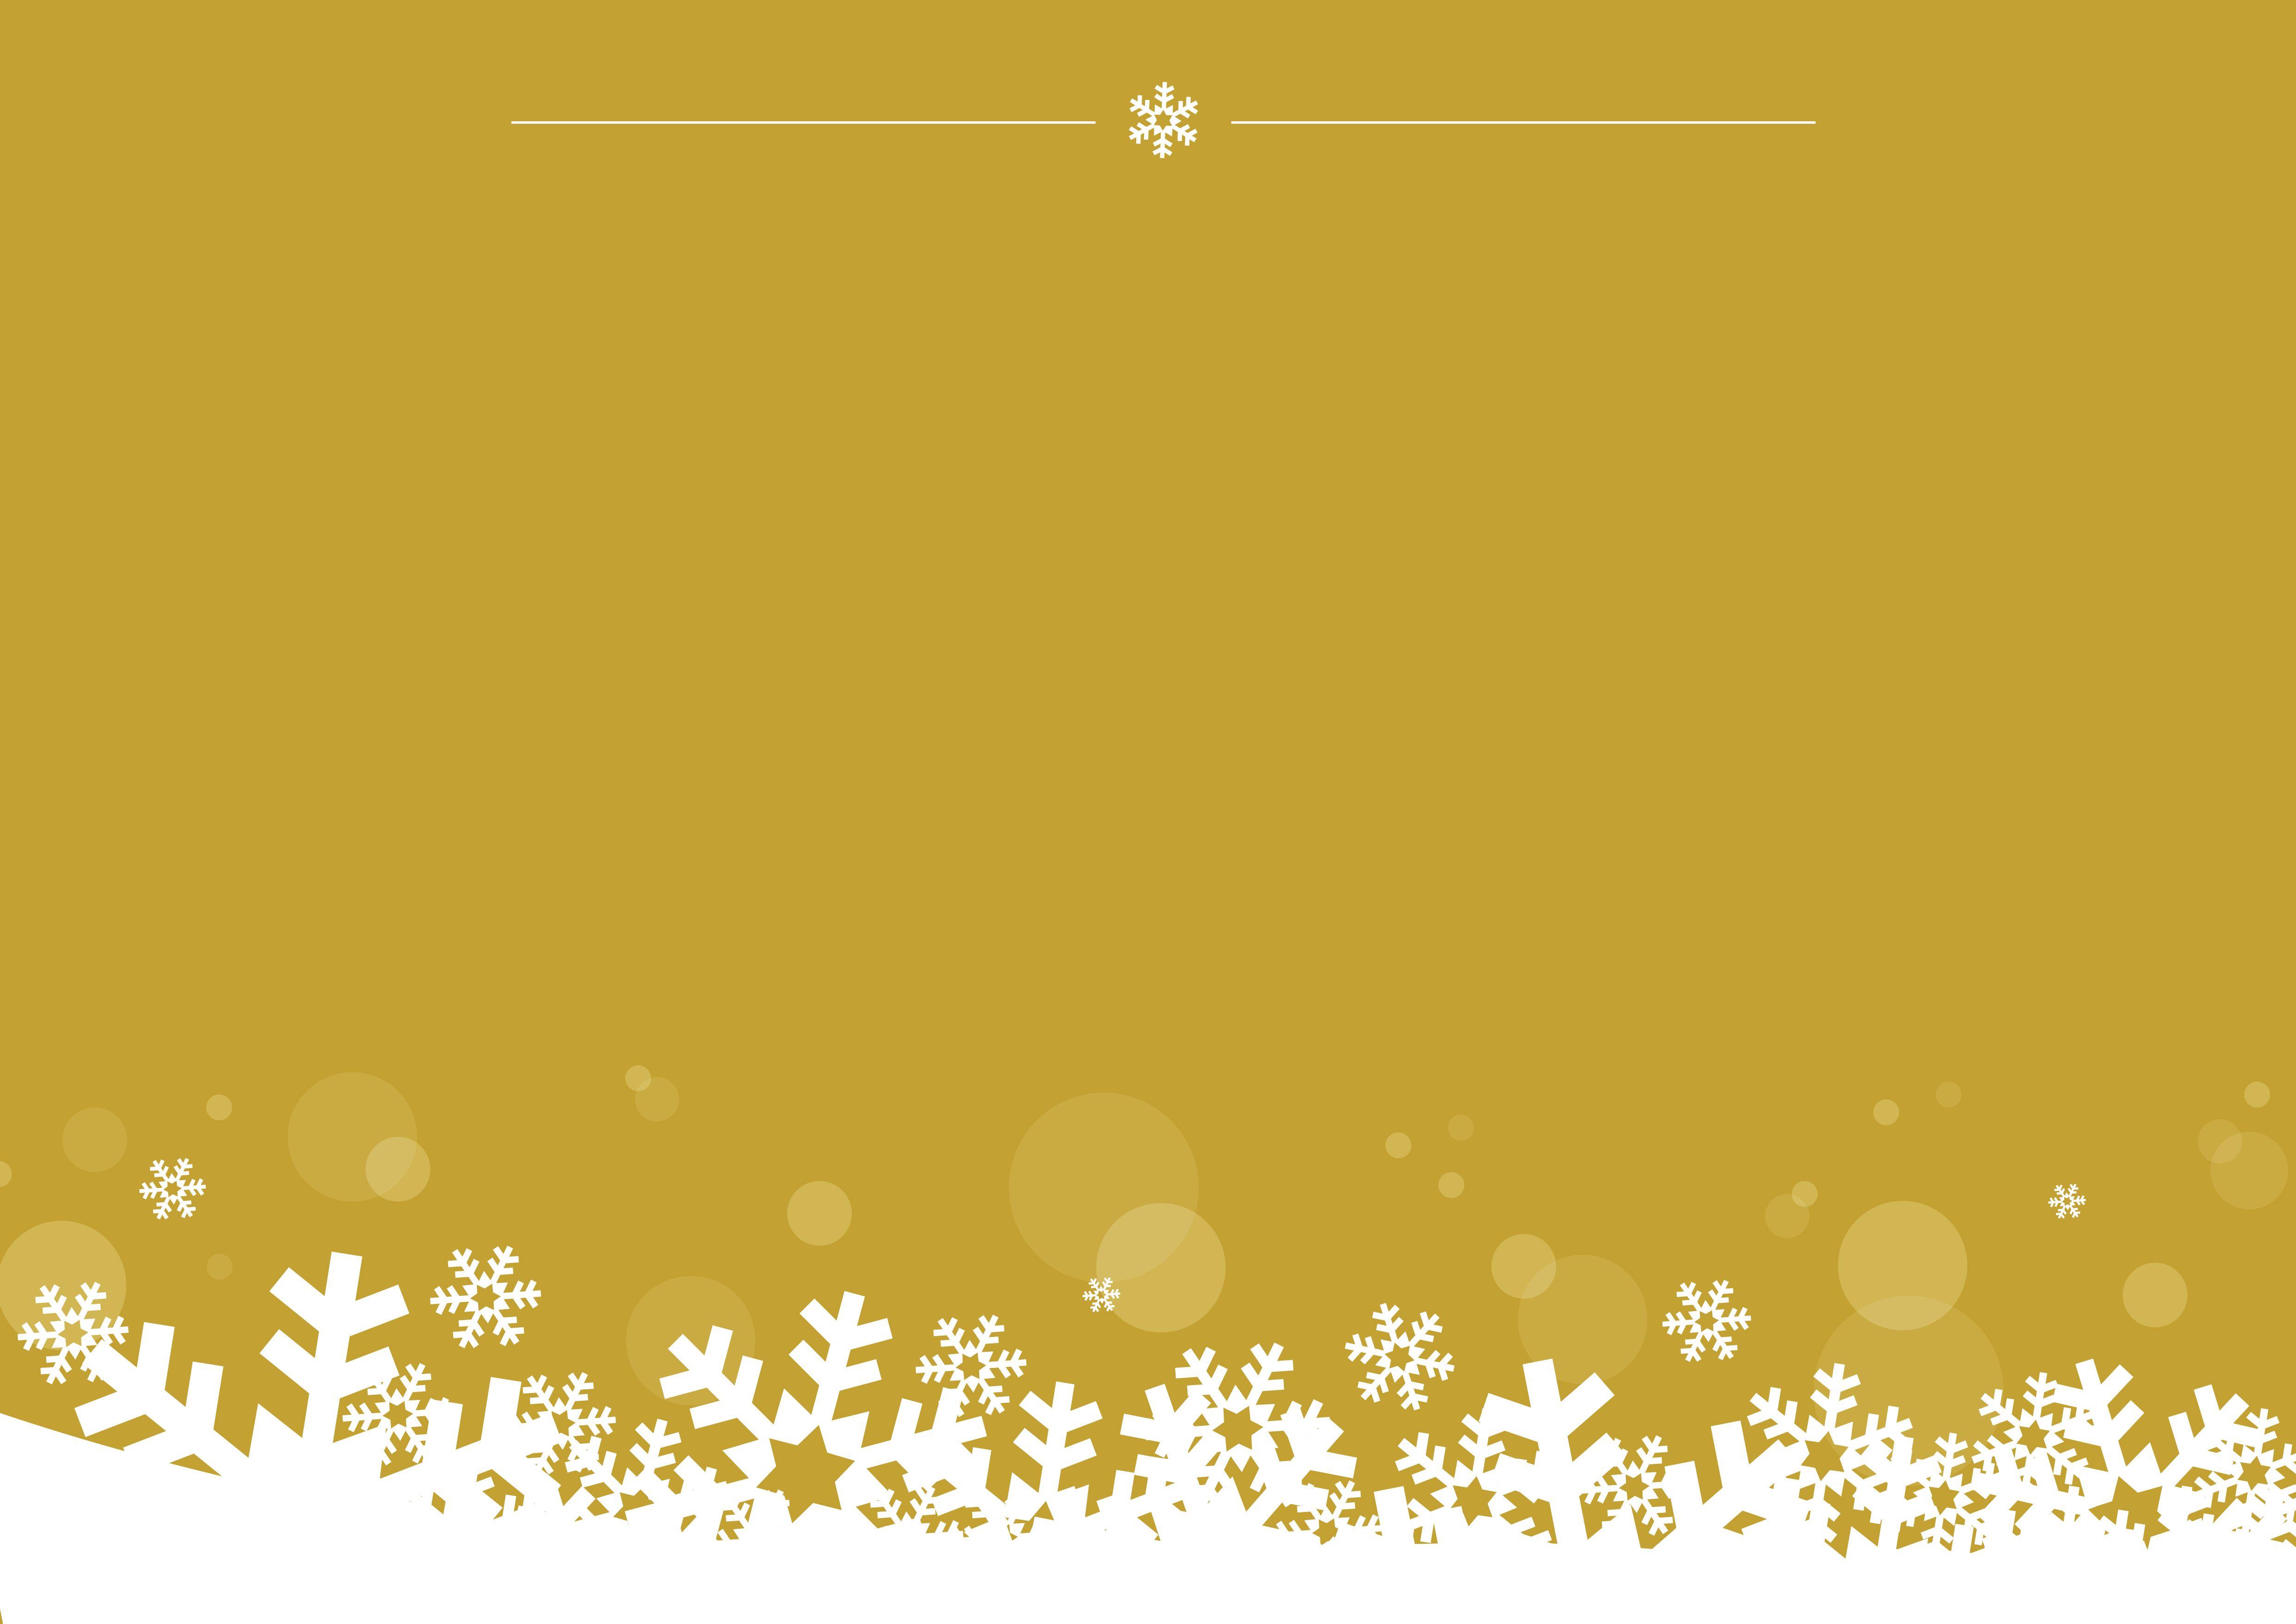 Picthema Vous Offre Des Fonds De Page A Telecharger Librement Et Gratuitement Afin De Personnaliser Vos Cartes De Noel Vos Album Photo Cartes Photos De Noel